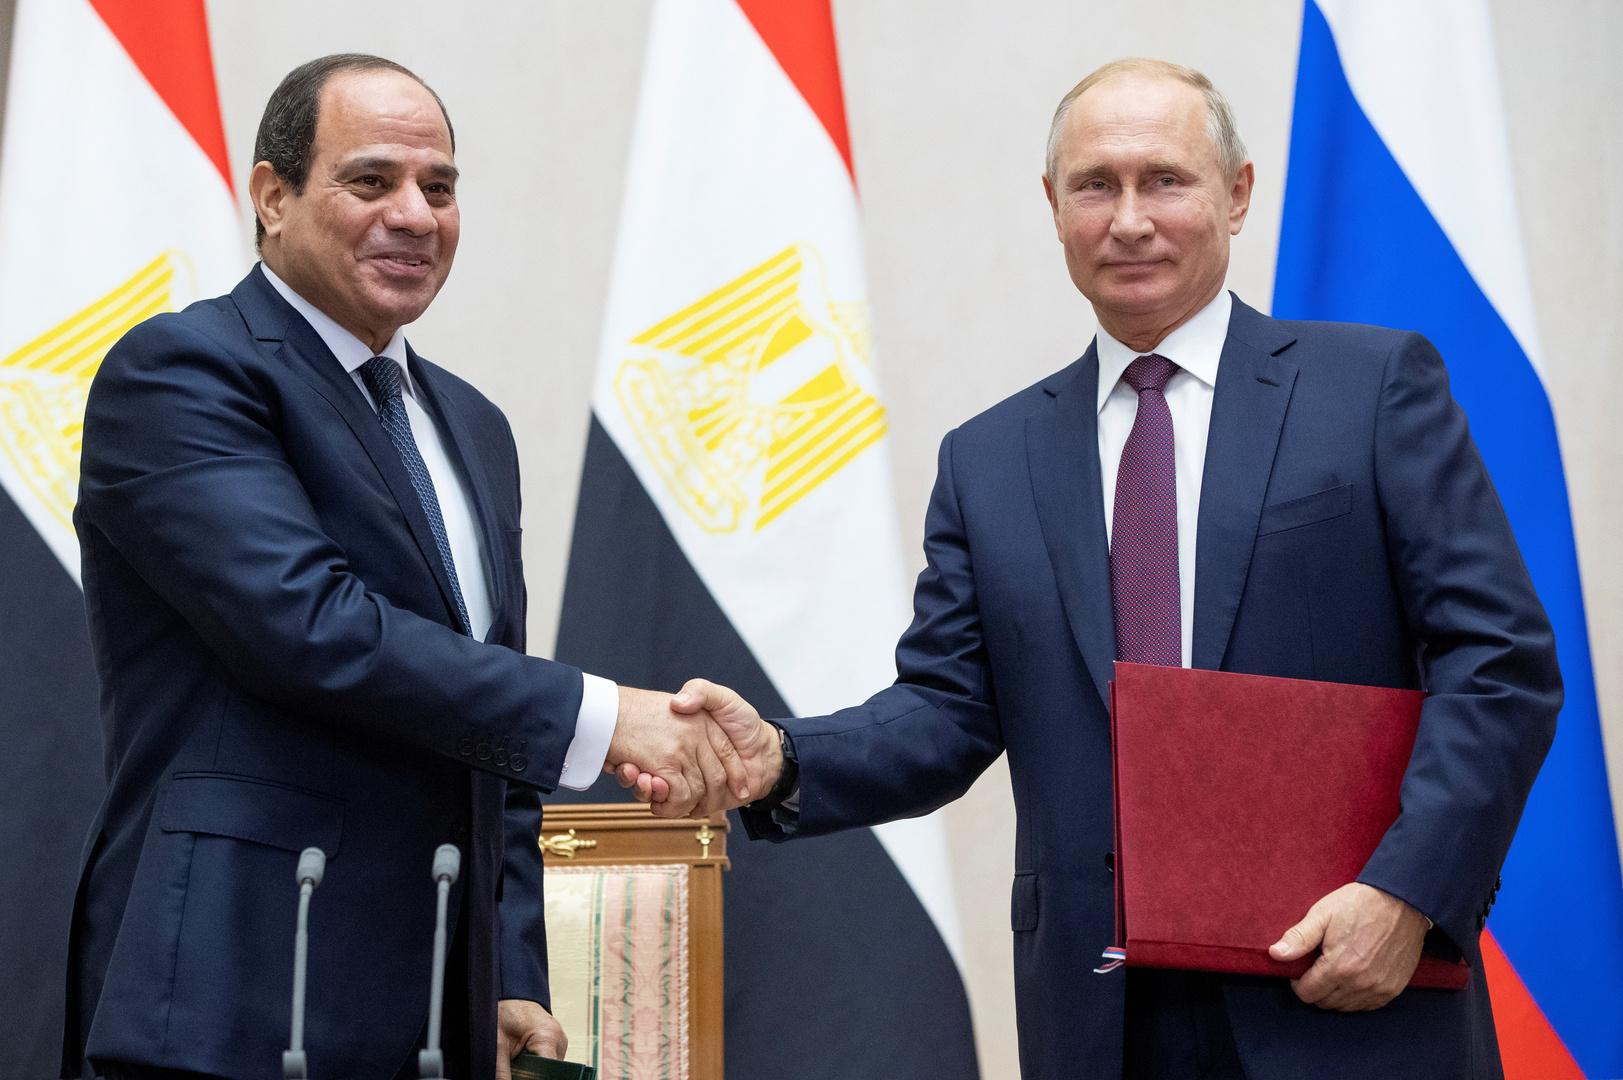 السفير المصري لدى موسكو: عقد الجلسة الثانية لفريق العمل الروسي المصري لمكافحة الإرهاب في مايو